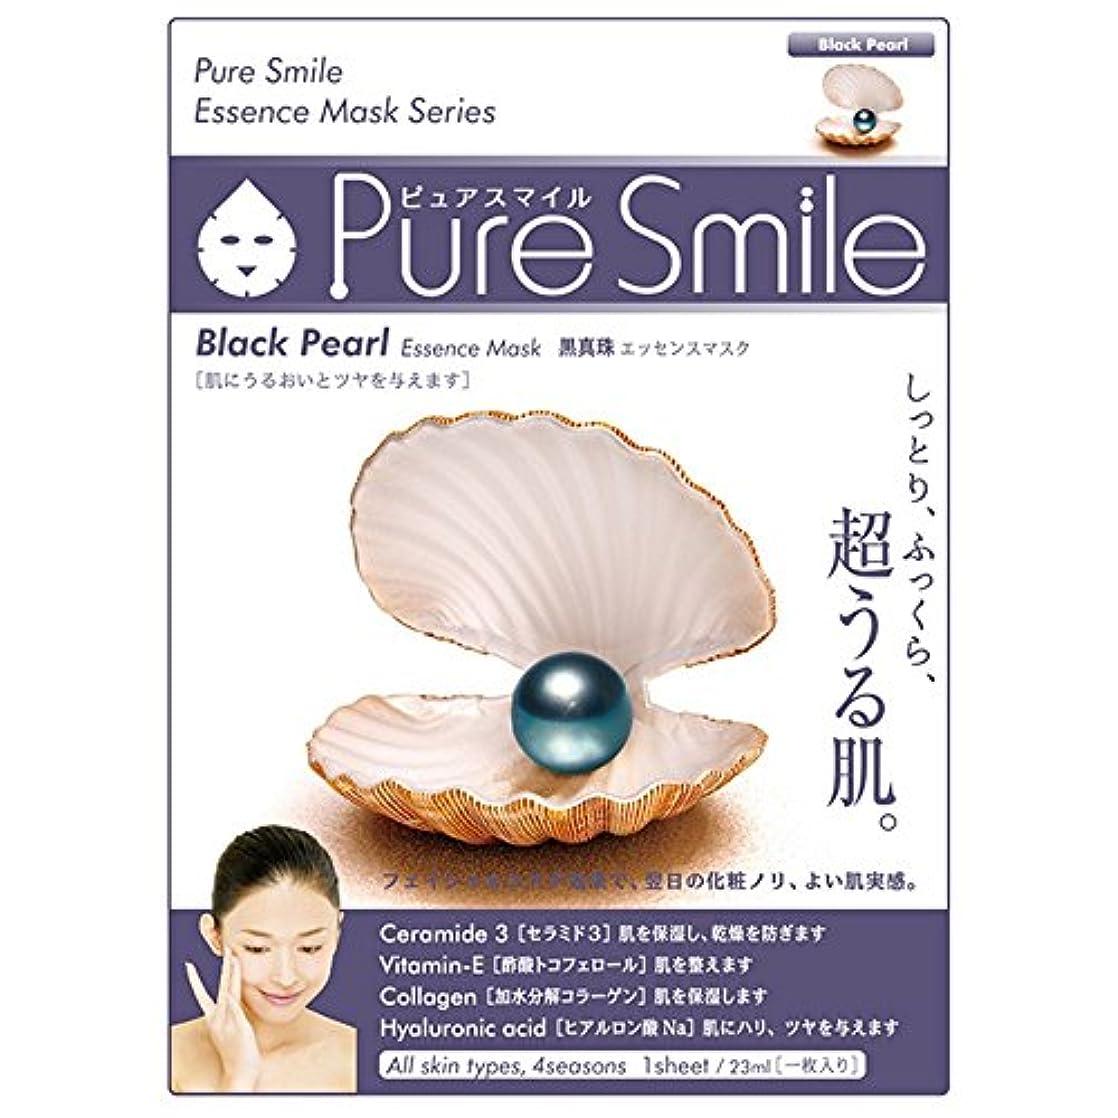 年齢石膏奇跡的なPure Smile(ピュアスマイル) 乳液エッセンスマスク 1 枚 黒真珠